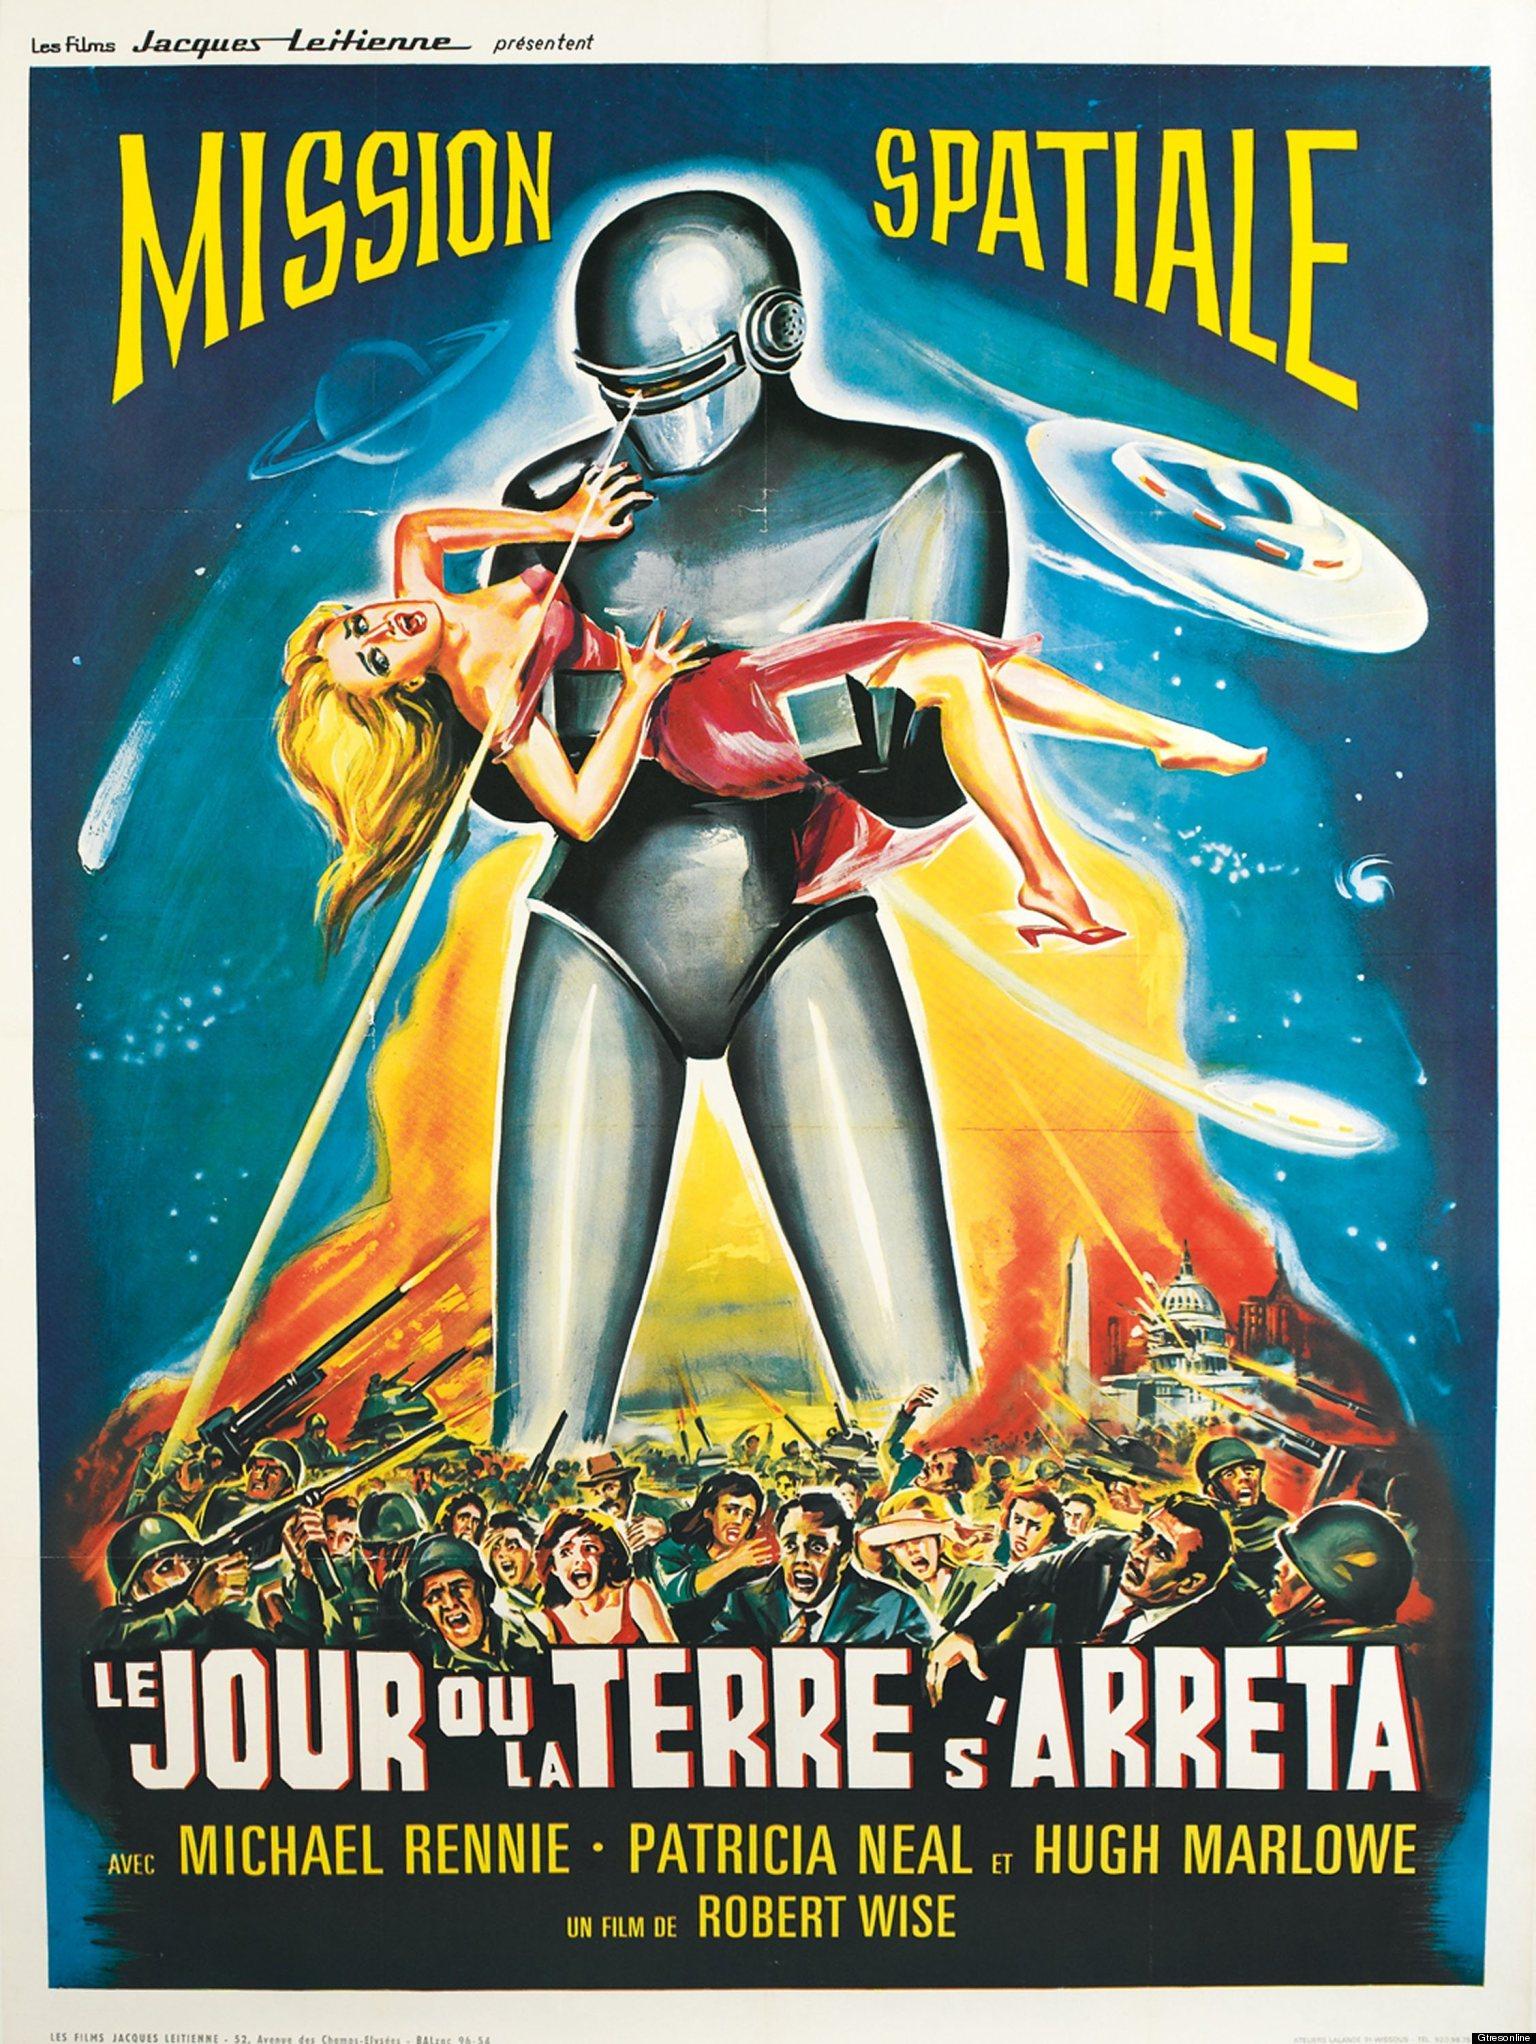 Les plus belles affiches de cinéma - Page 2 O-CARTELES-PELICULAS-DE-MIEDO-ANTIGUAS-facebook